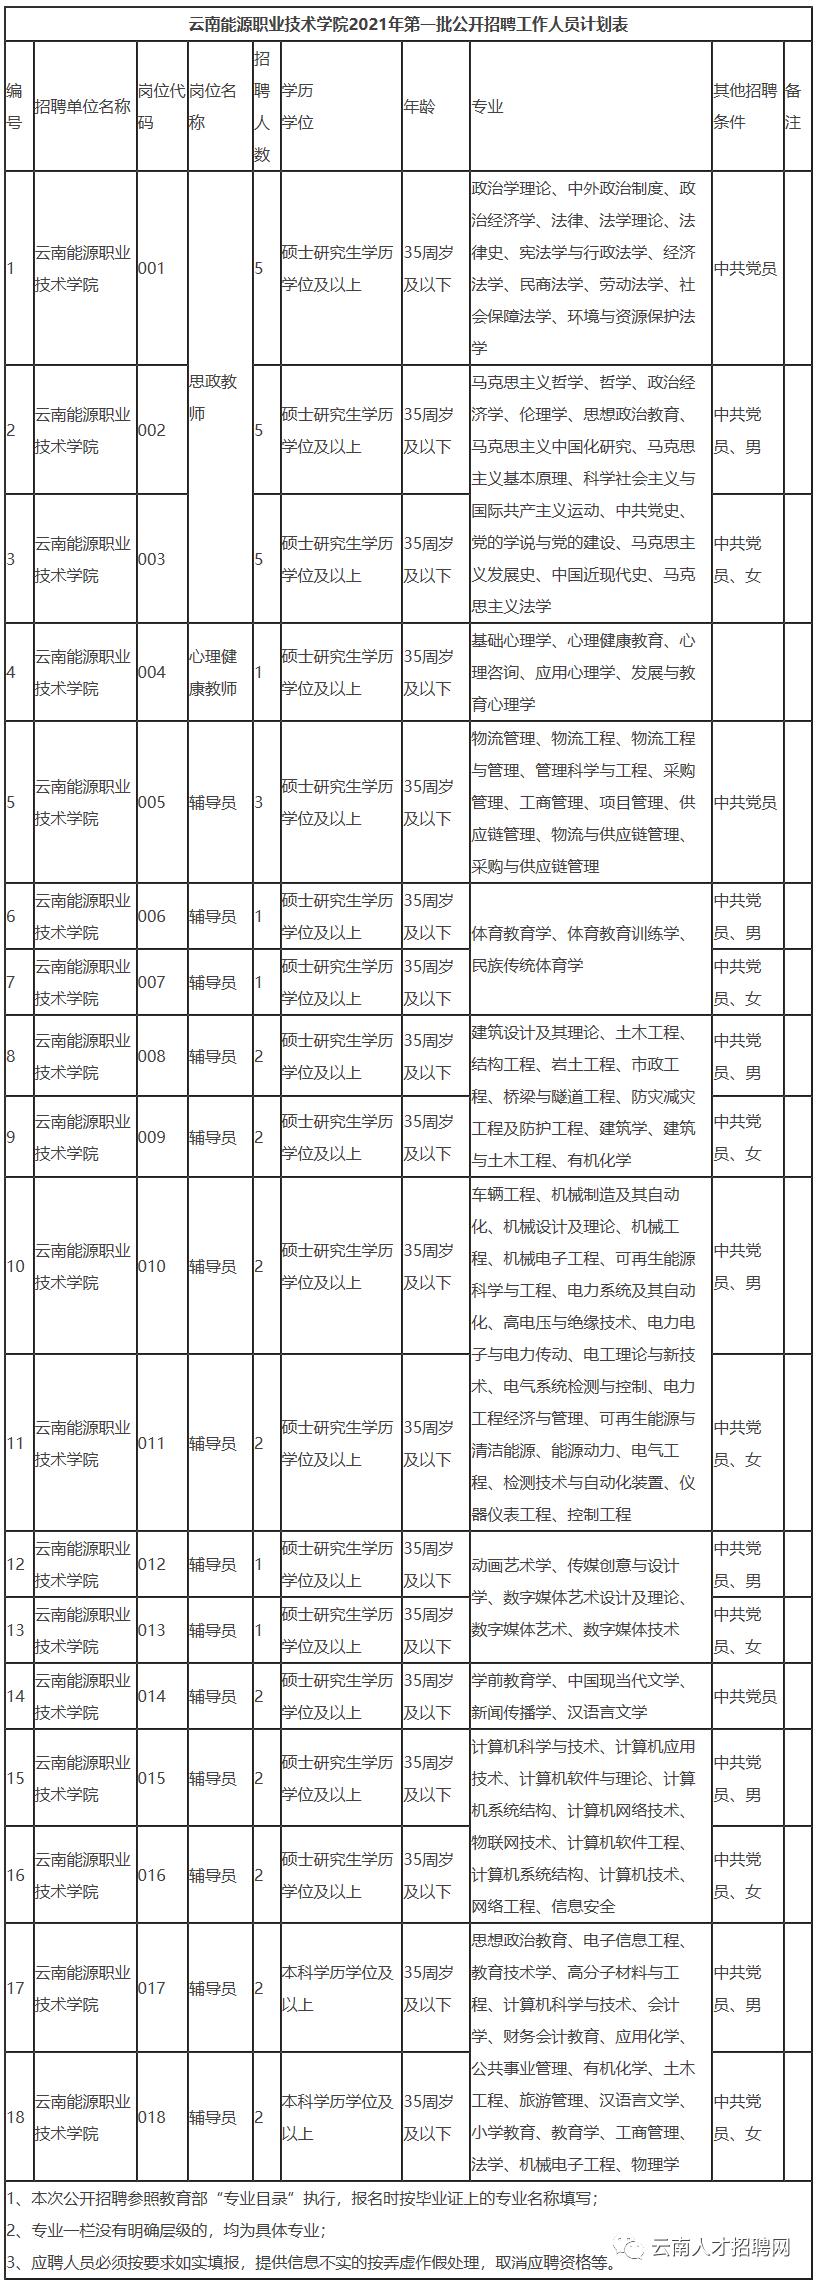 云南能源职业技术学院.png